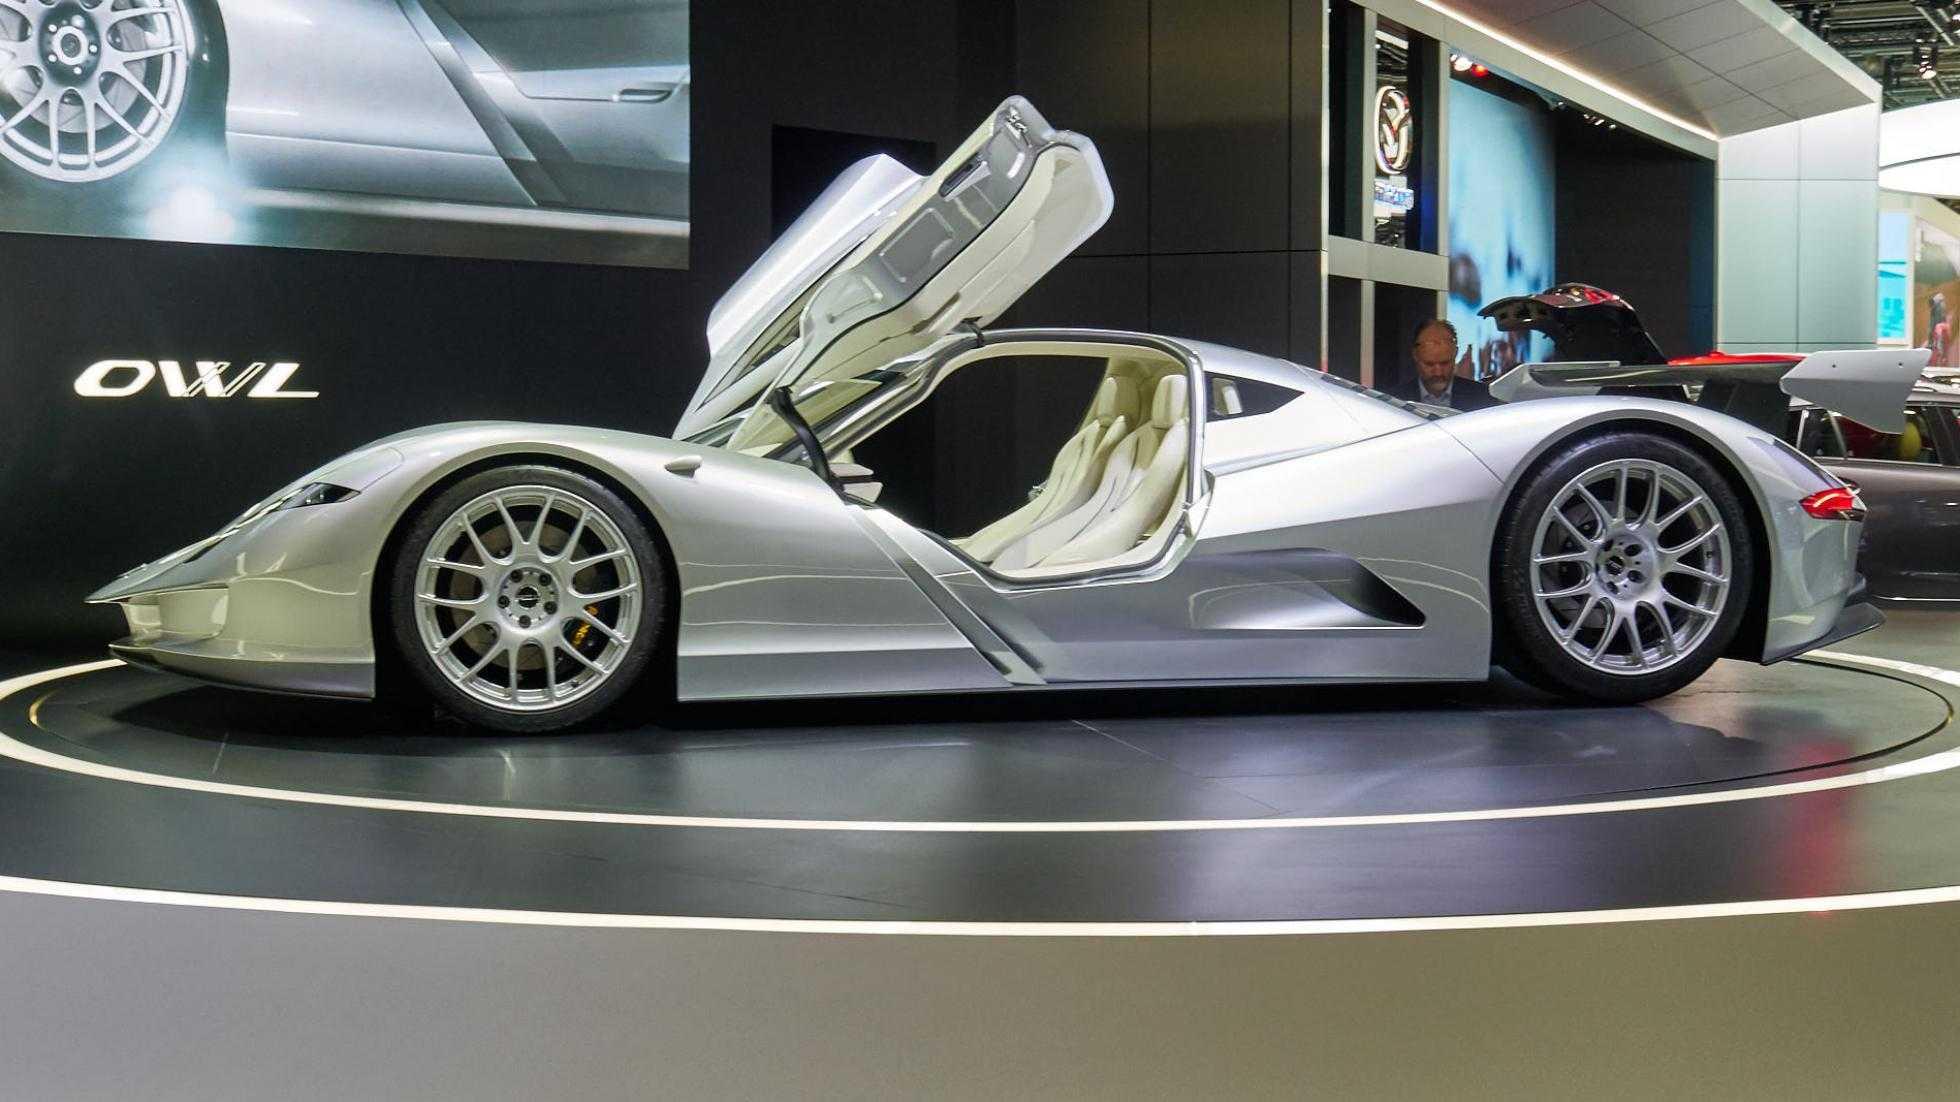 100 самых красивых спортивных автомобилей всех времен взгляд из 2017 года